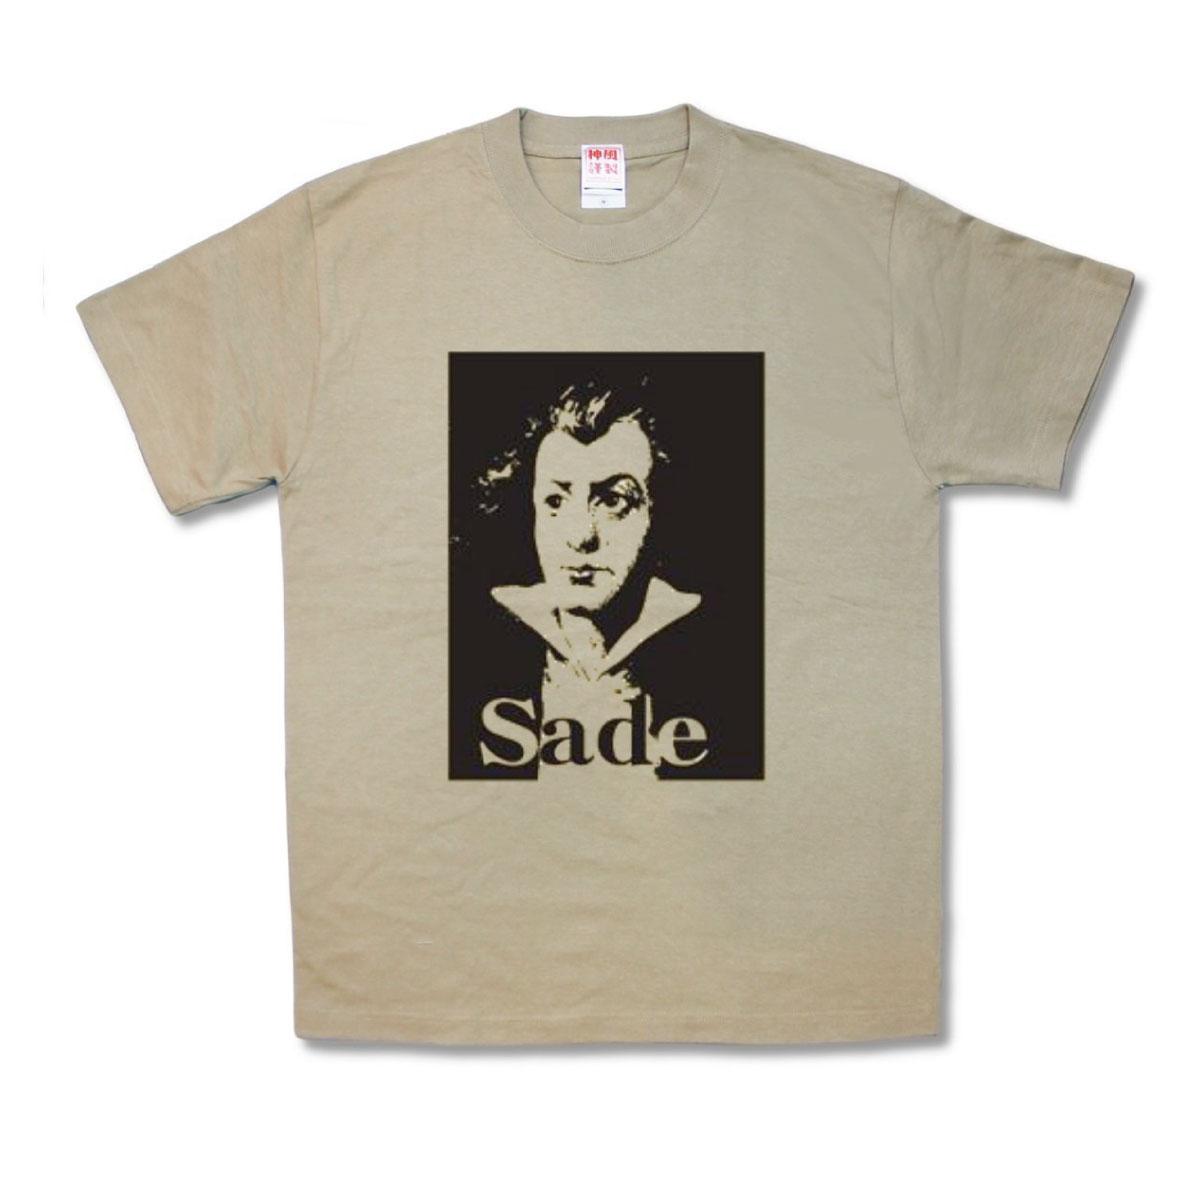 THE オレ流 悲しみの自己表現 激安通販販売 バカT ギャグT ド サド デポー おもしろT マルキ おもしろTシャツ